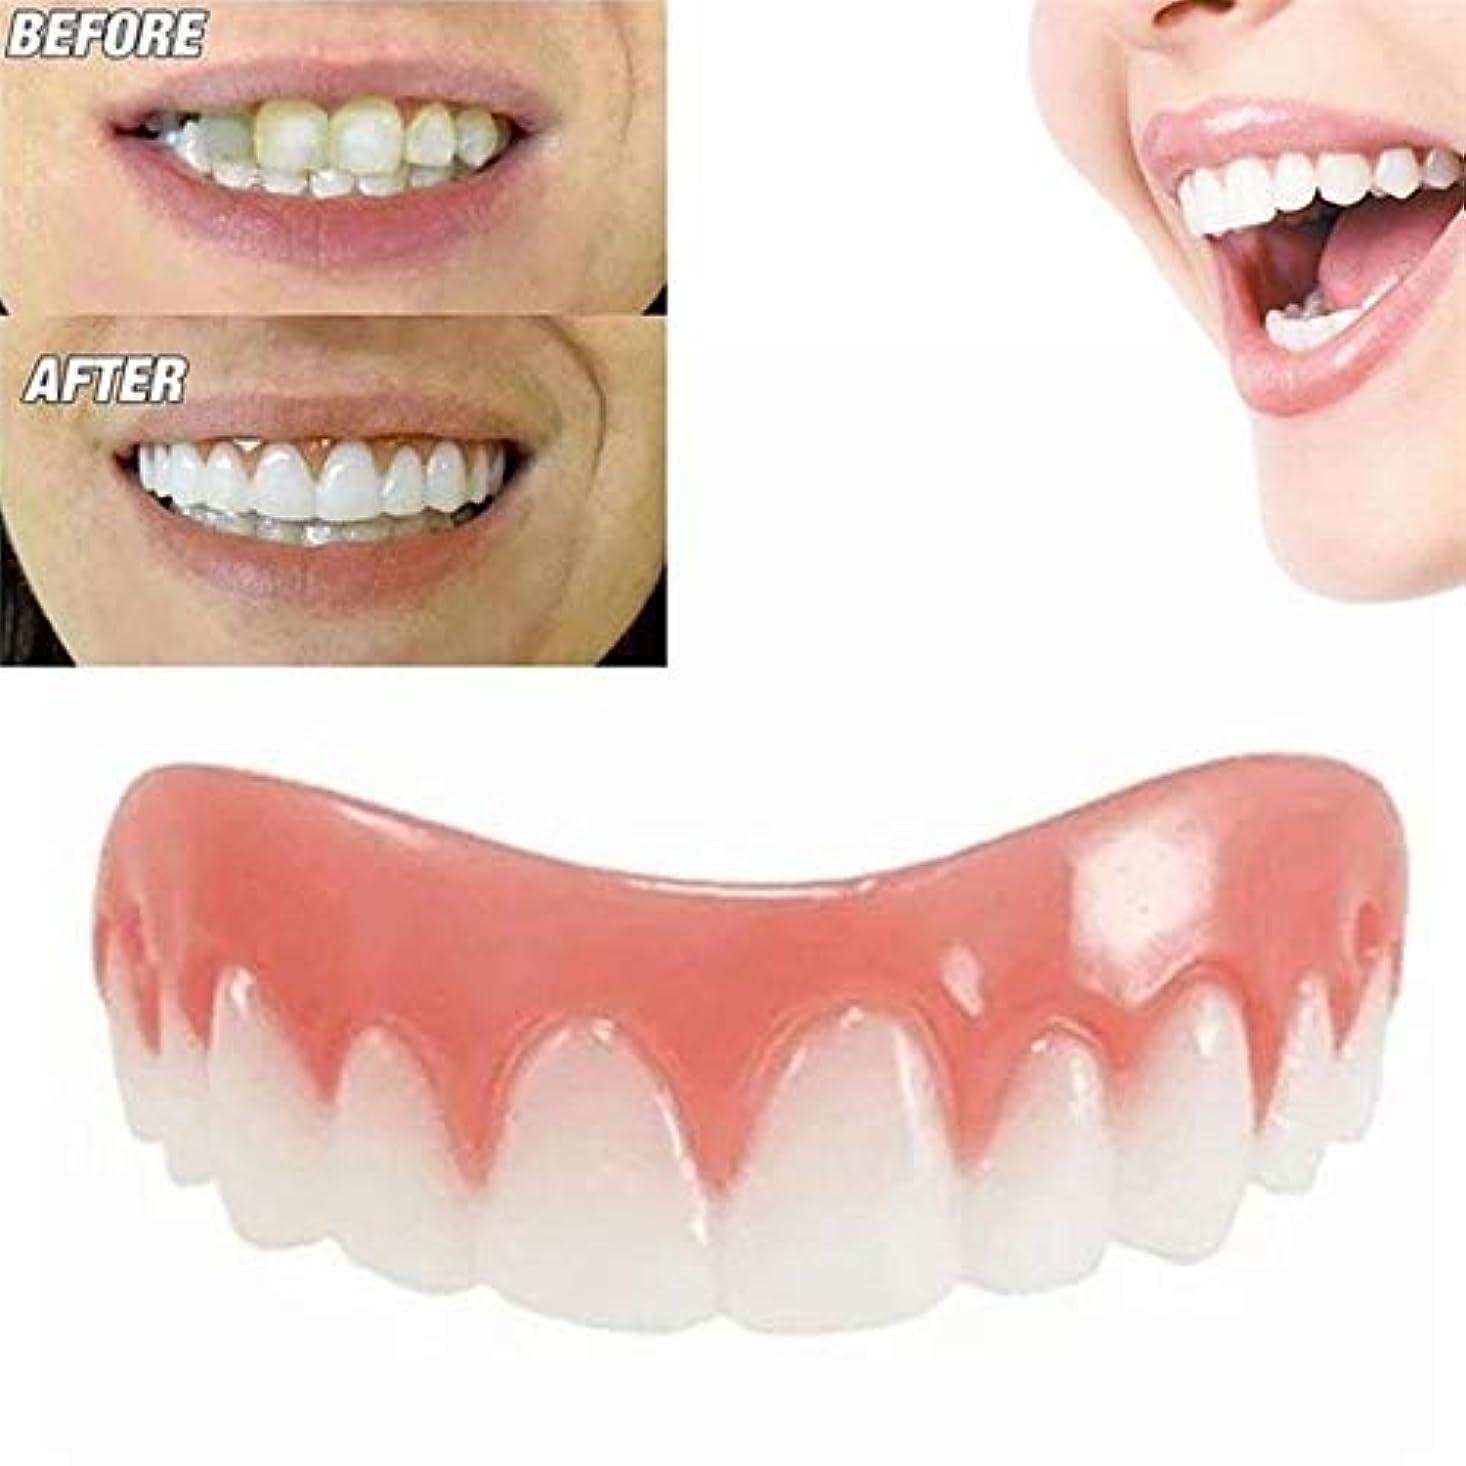 素晴らしいです花嫁返済30個完璧な笑顔のベニヤ偽の歯アッパー偽の歯のカバー悪い歯のための歯のためのあなたに与えます完璧な笑顔のベニヤ - ワンサイズフィット